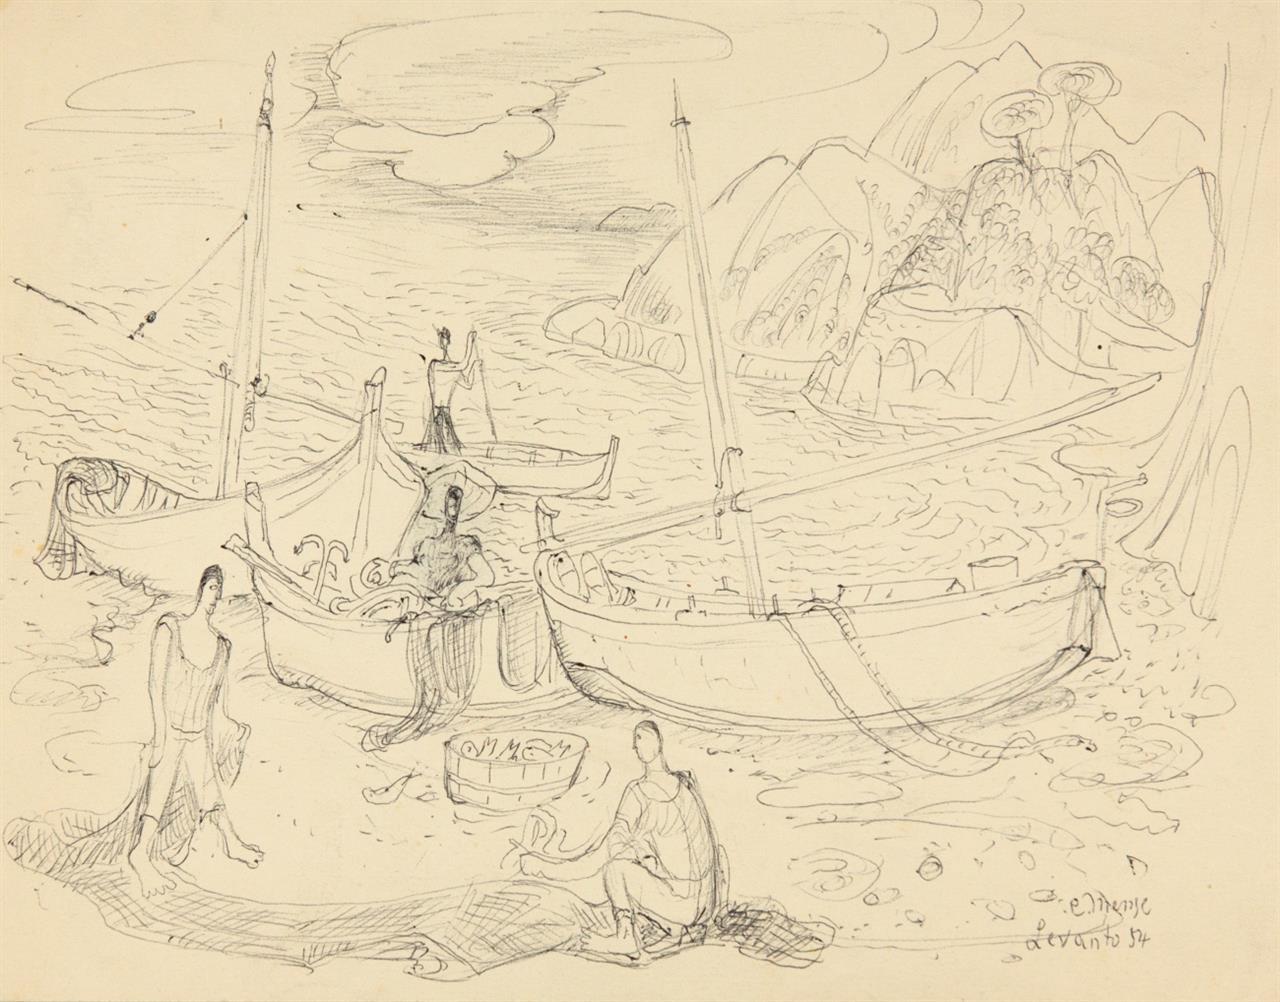 Carlo Mense. Levanto. 1954. 9 Blatt Kugelschreiber bzw. Bleistift. Jeweils signiert, datiert und bezeichnet.